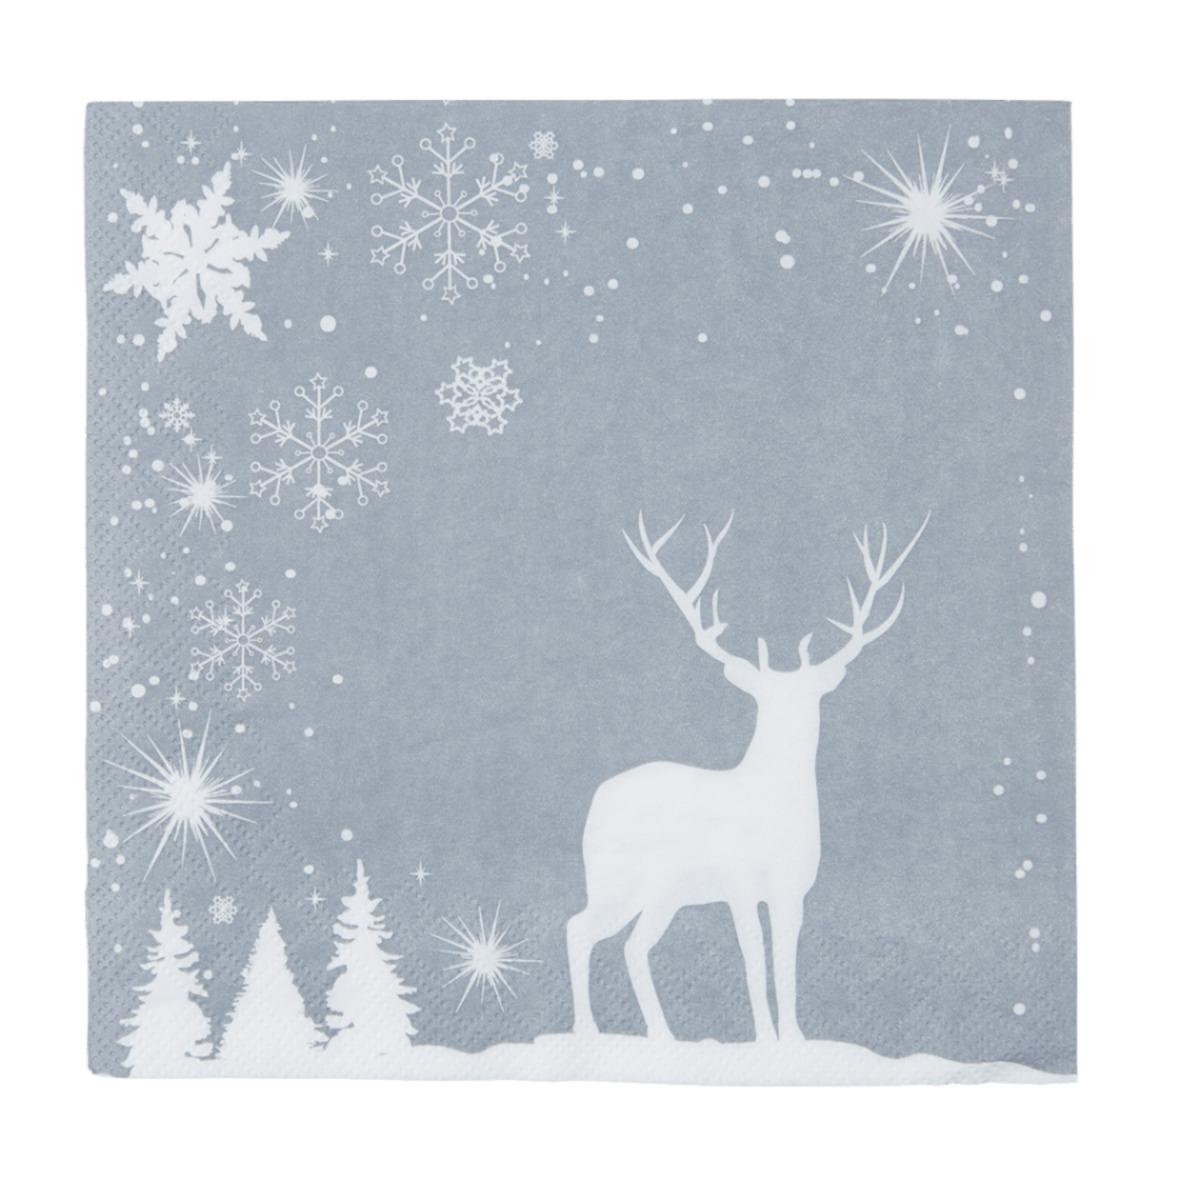 Bild 2 von KOKETT     Weihnachtsservietten